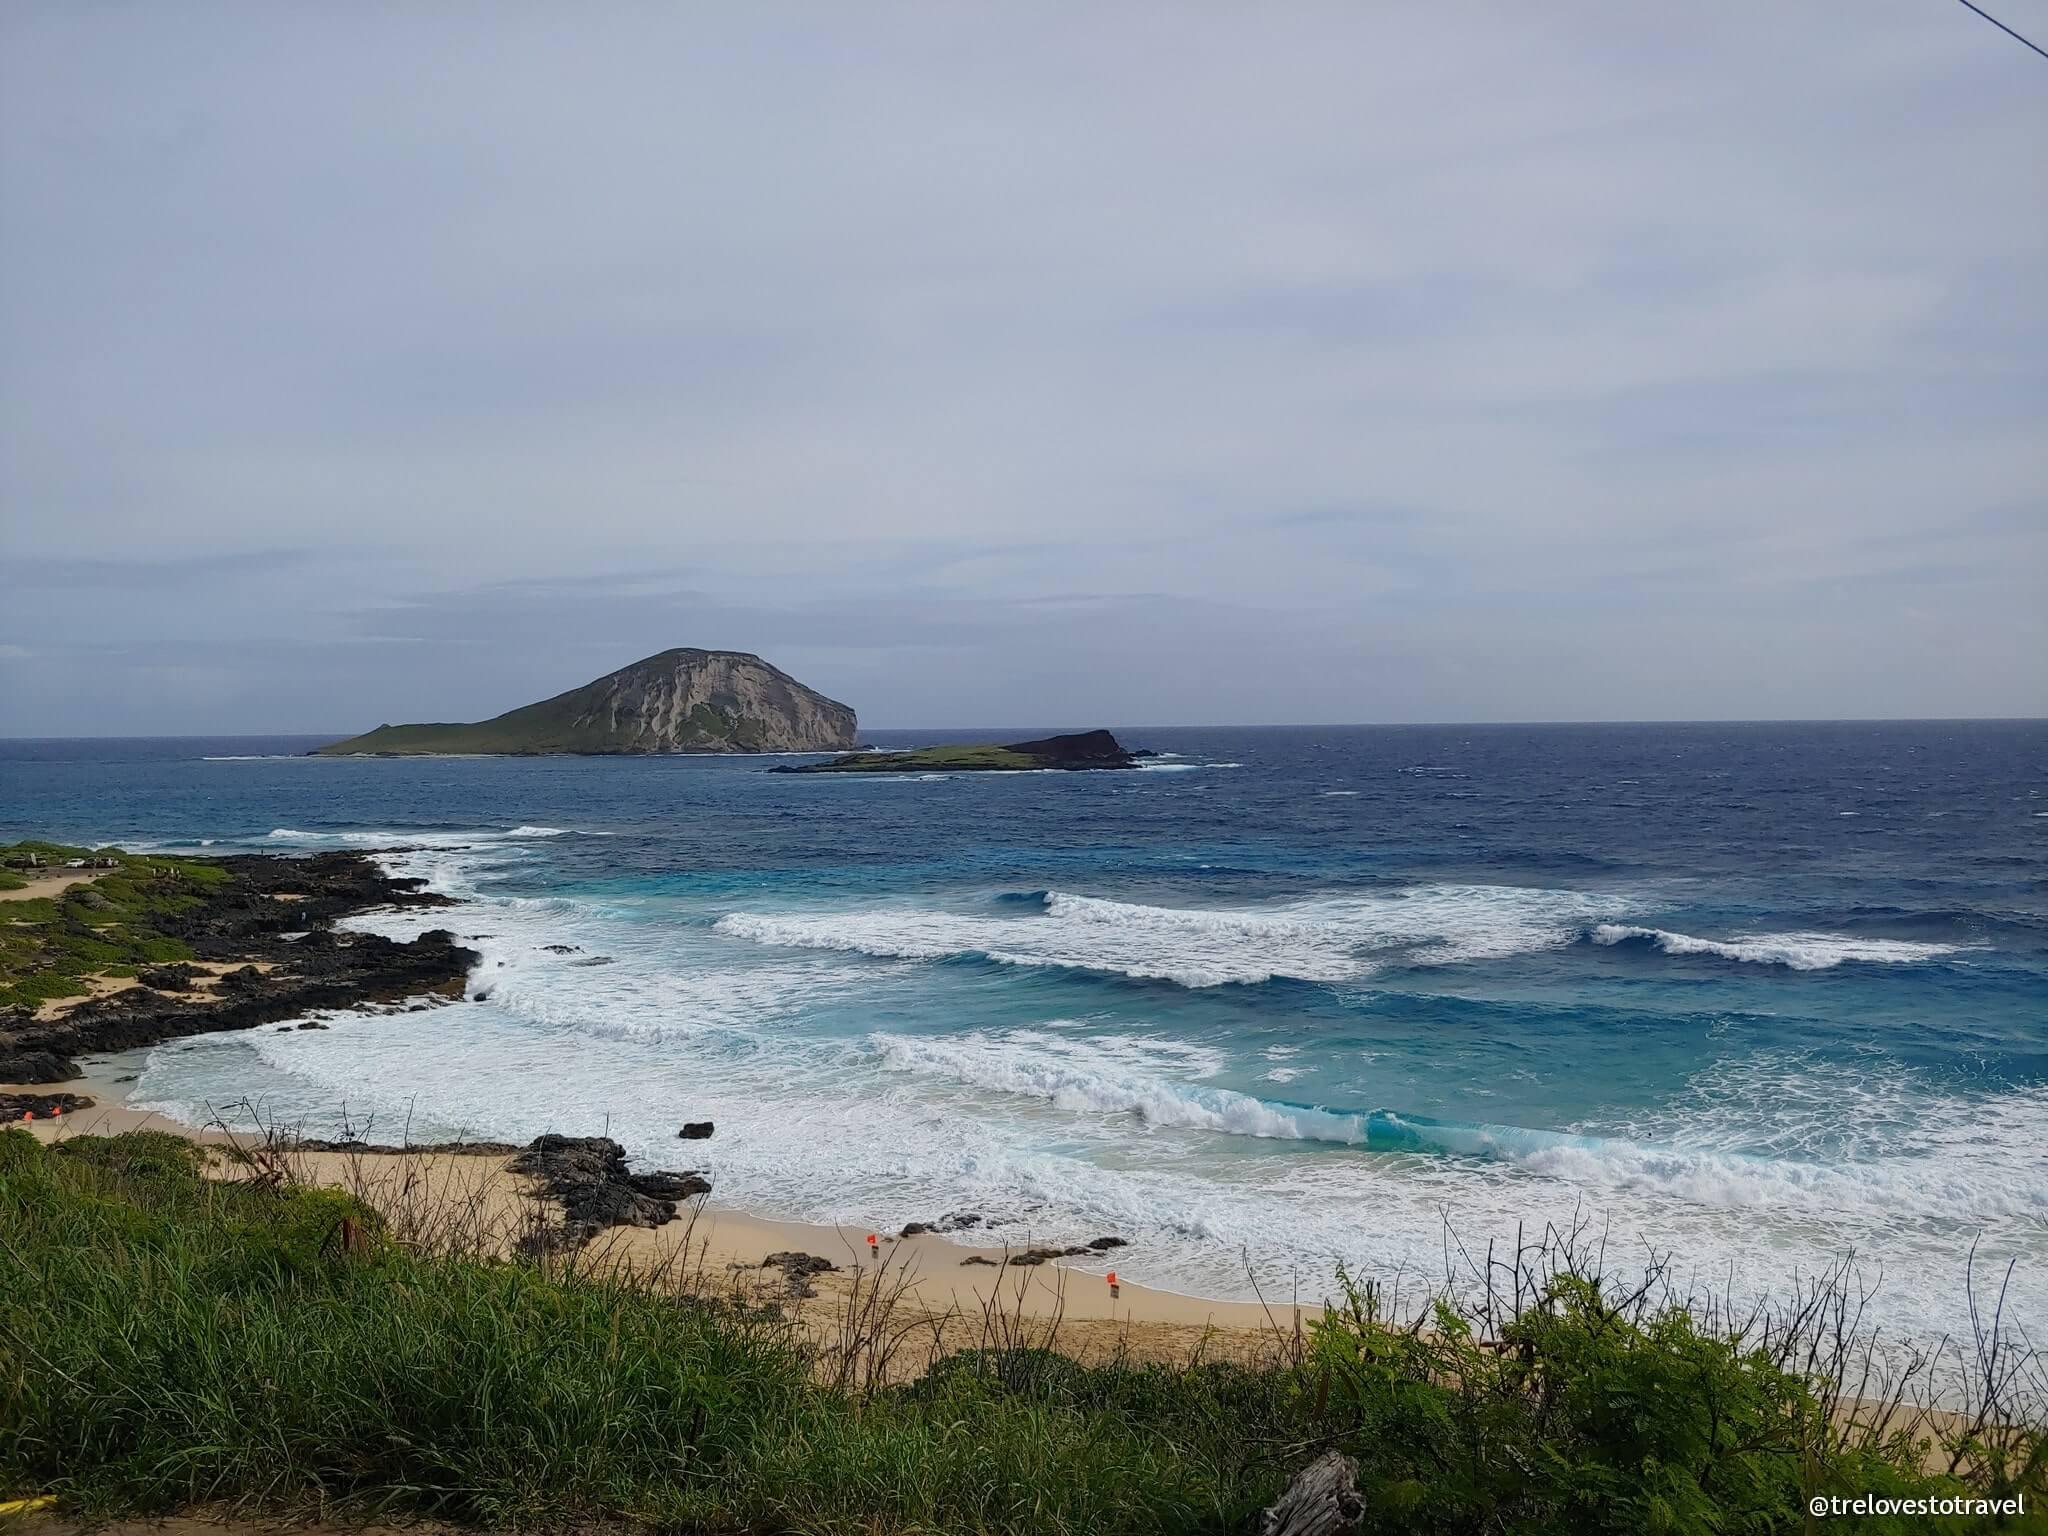 Where to go in Oahu Hawaii